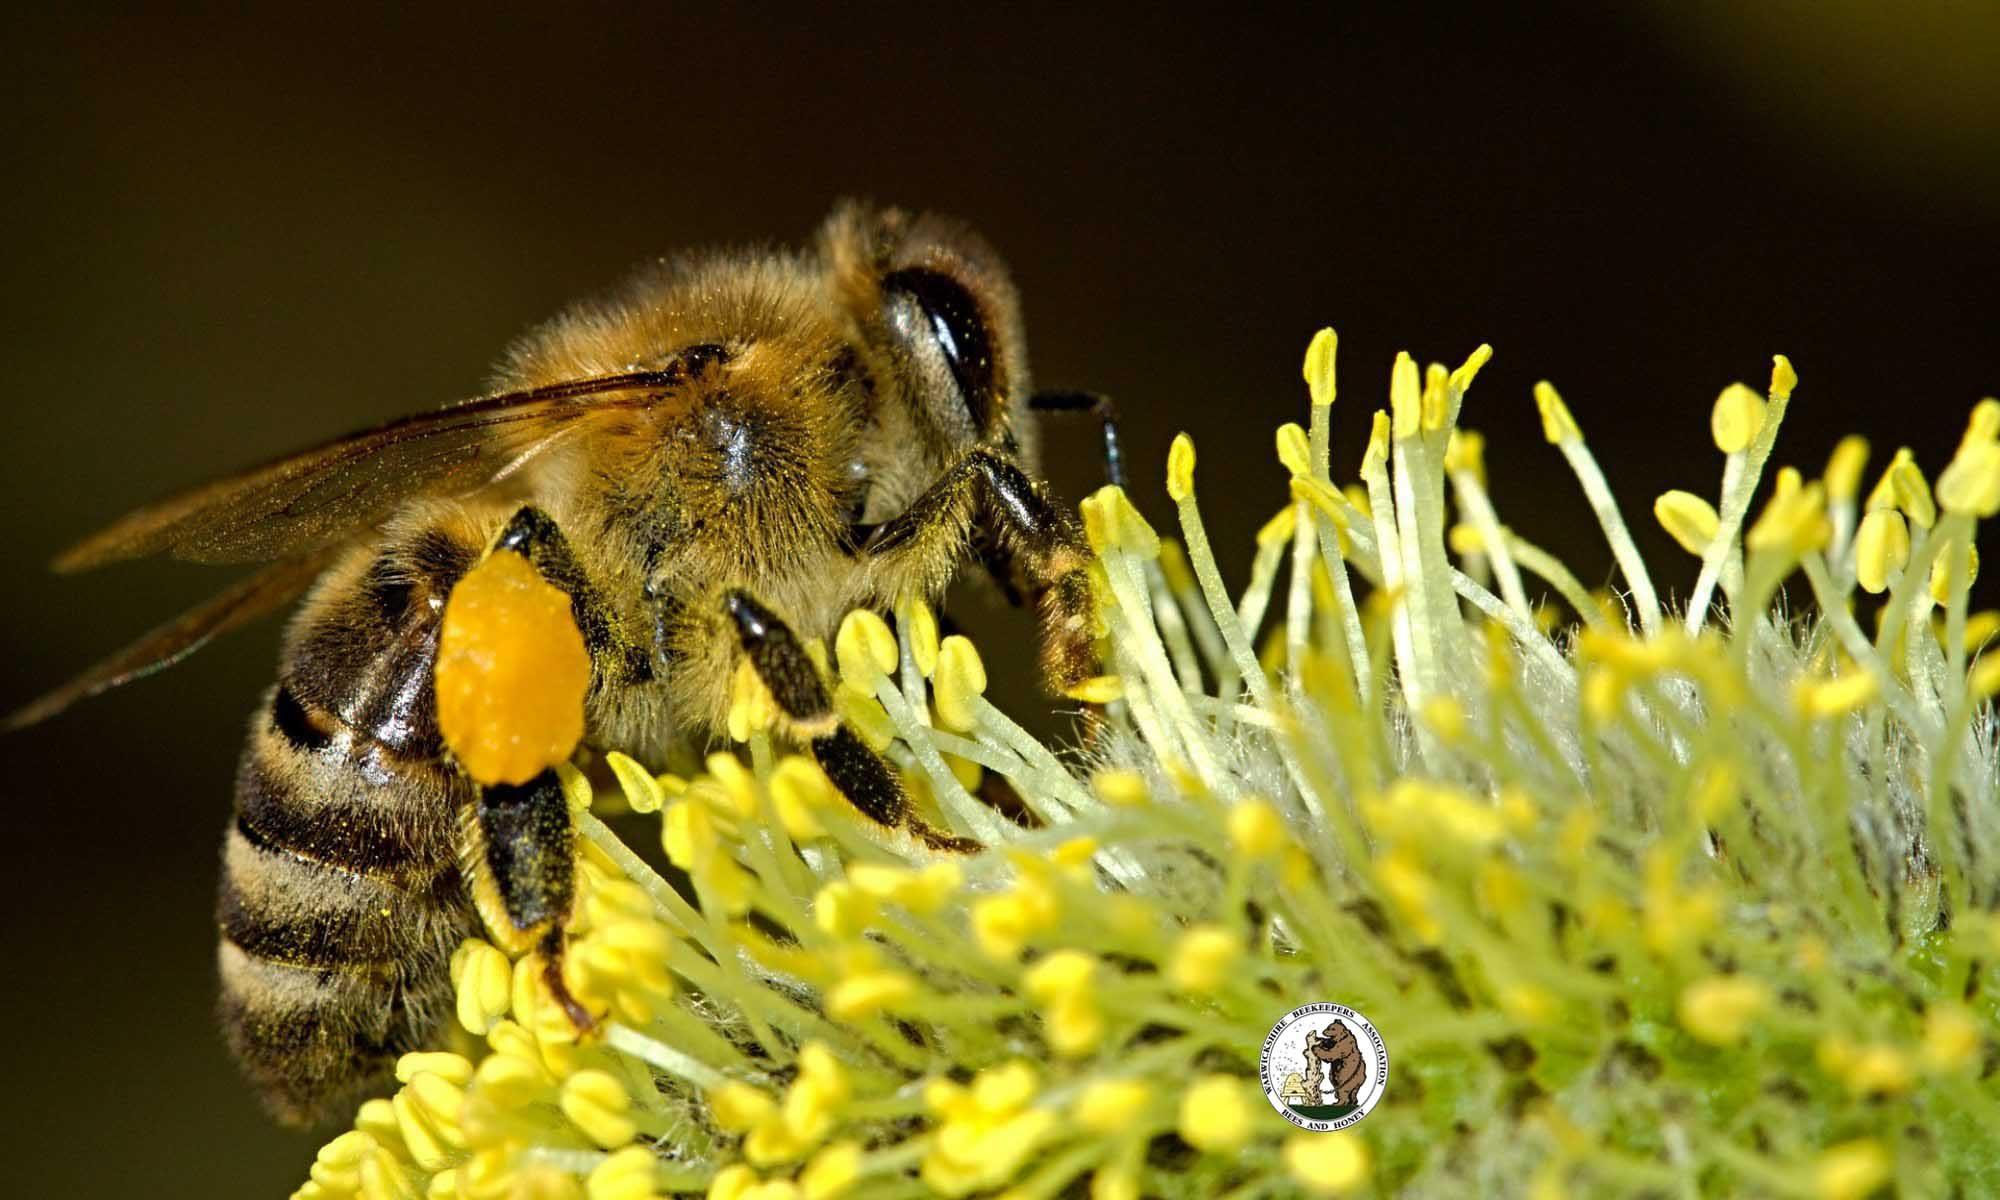 Warwickshire Beekeepers Association